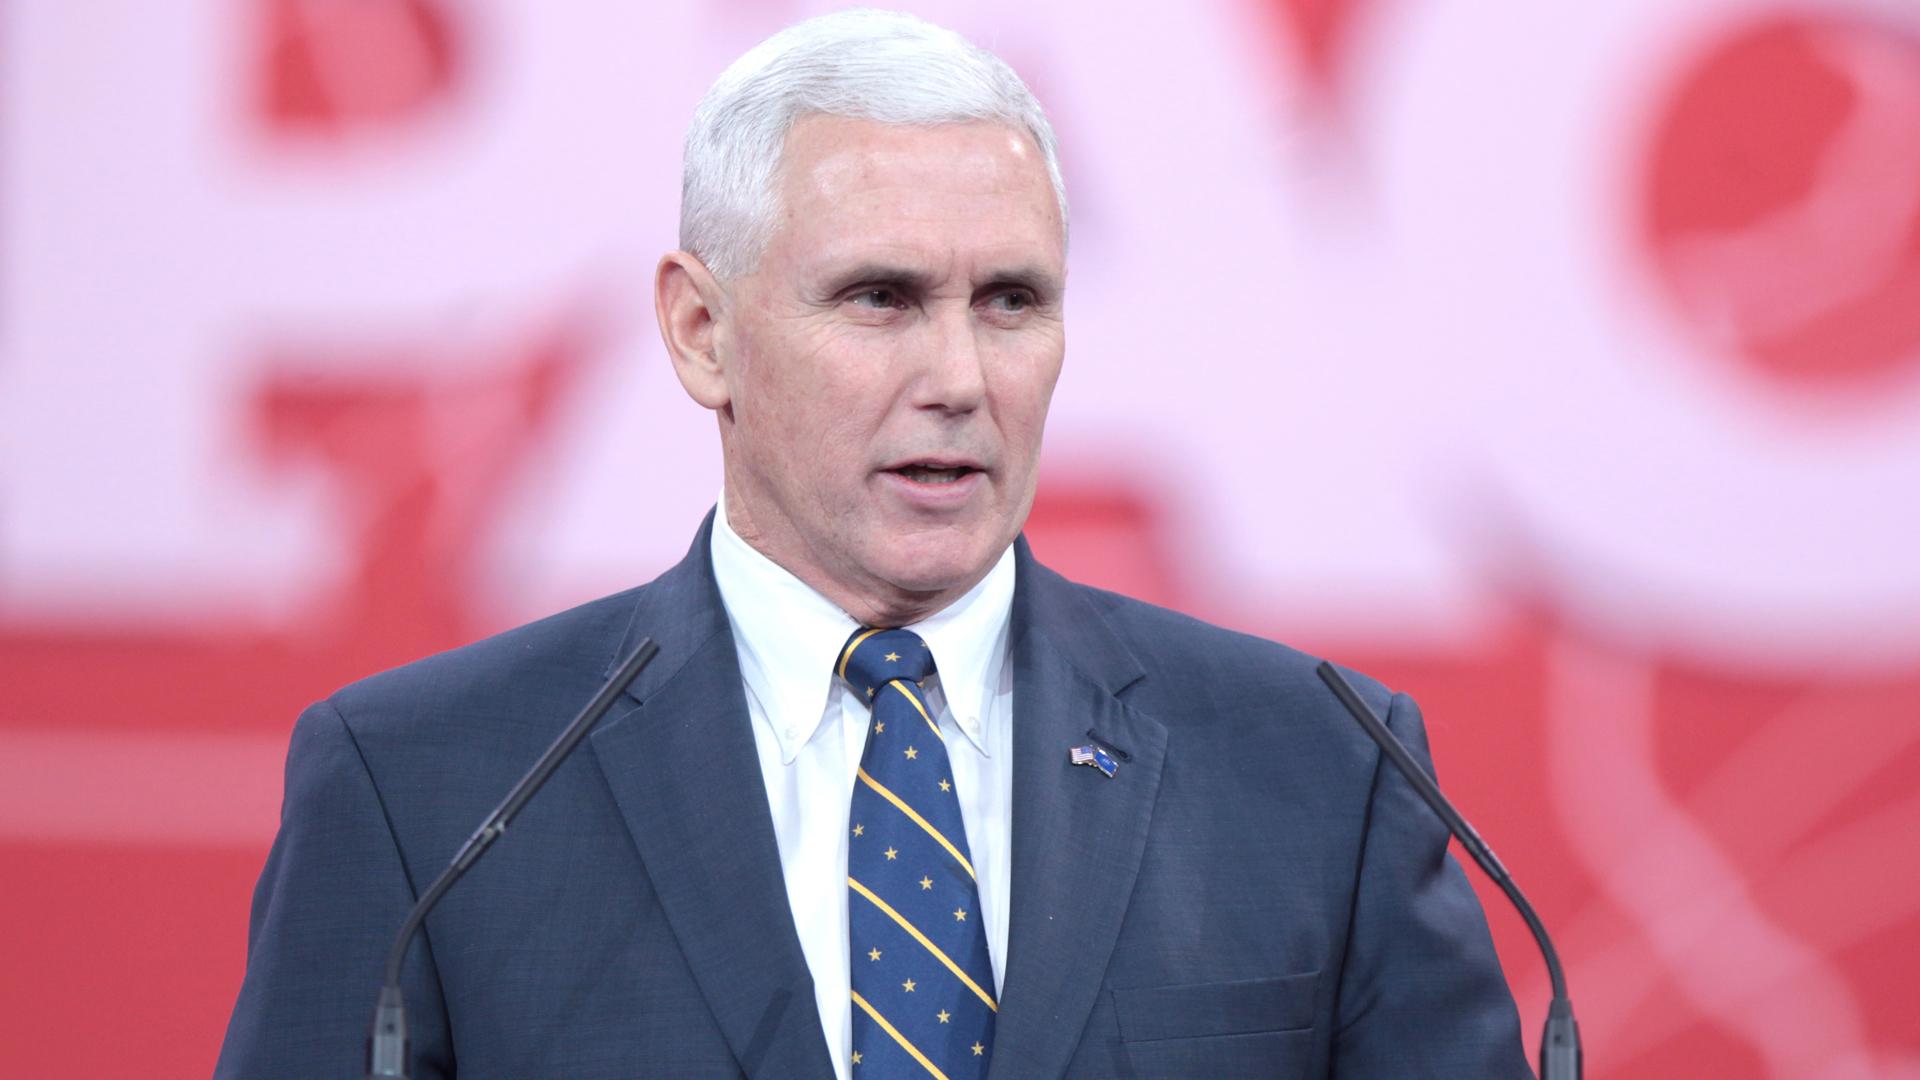 Mike Pence, Vizepräsident der USA, gehört zu den regelmäßigen Besuchern von Drollingers Bibelkursen